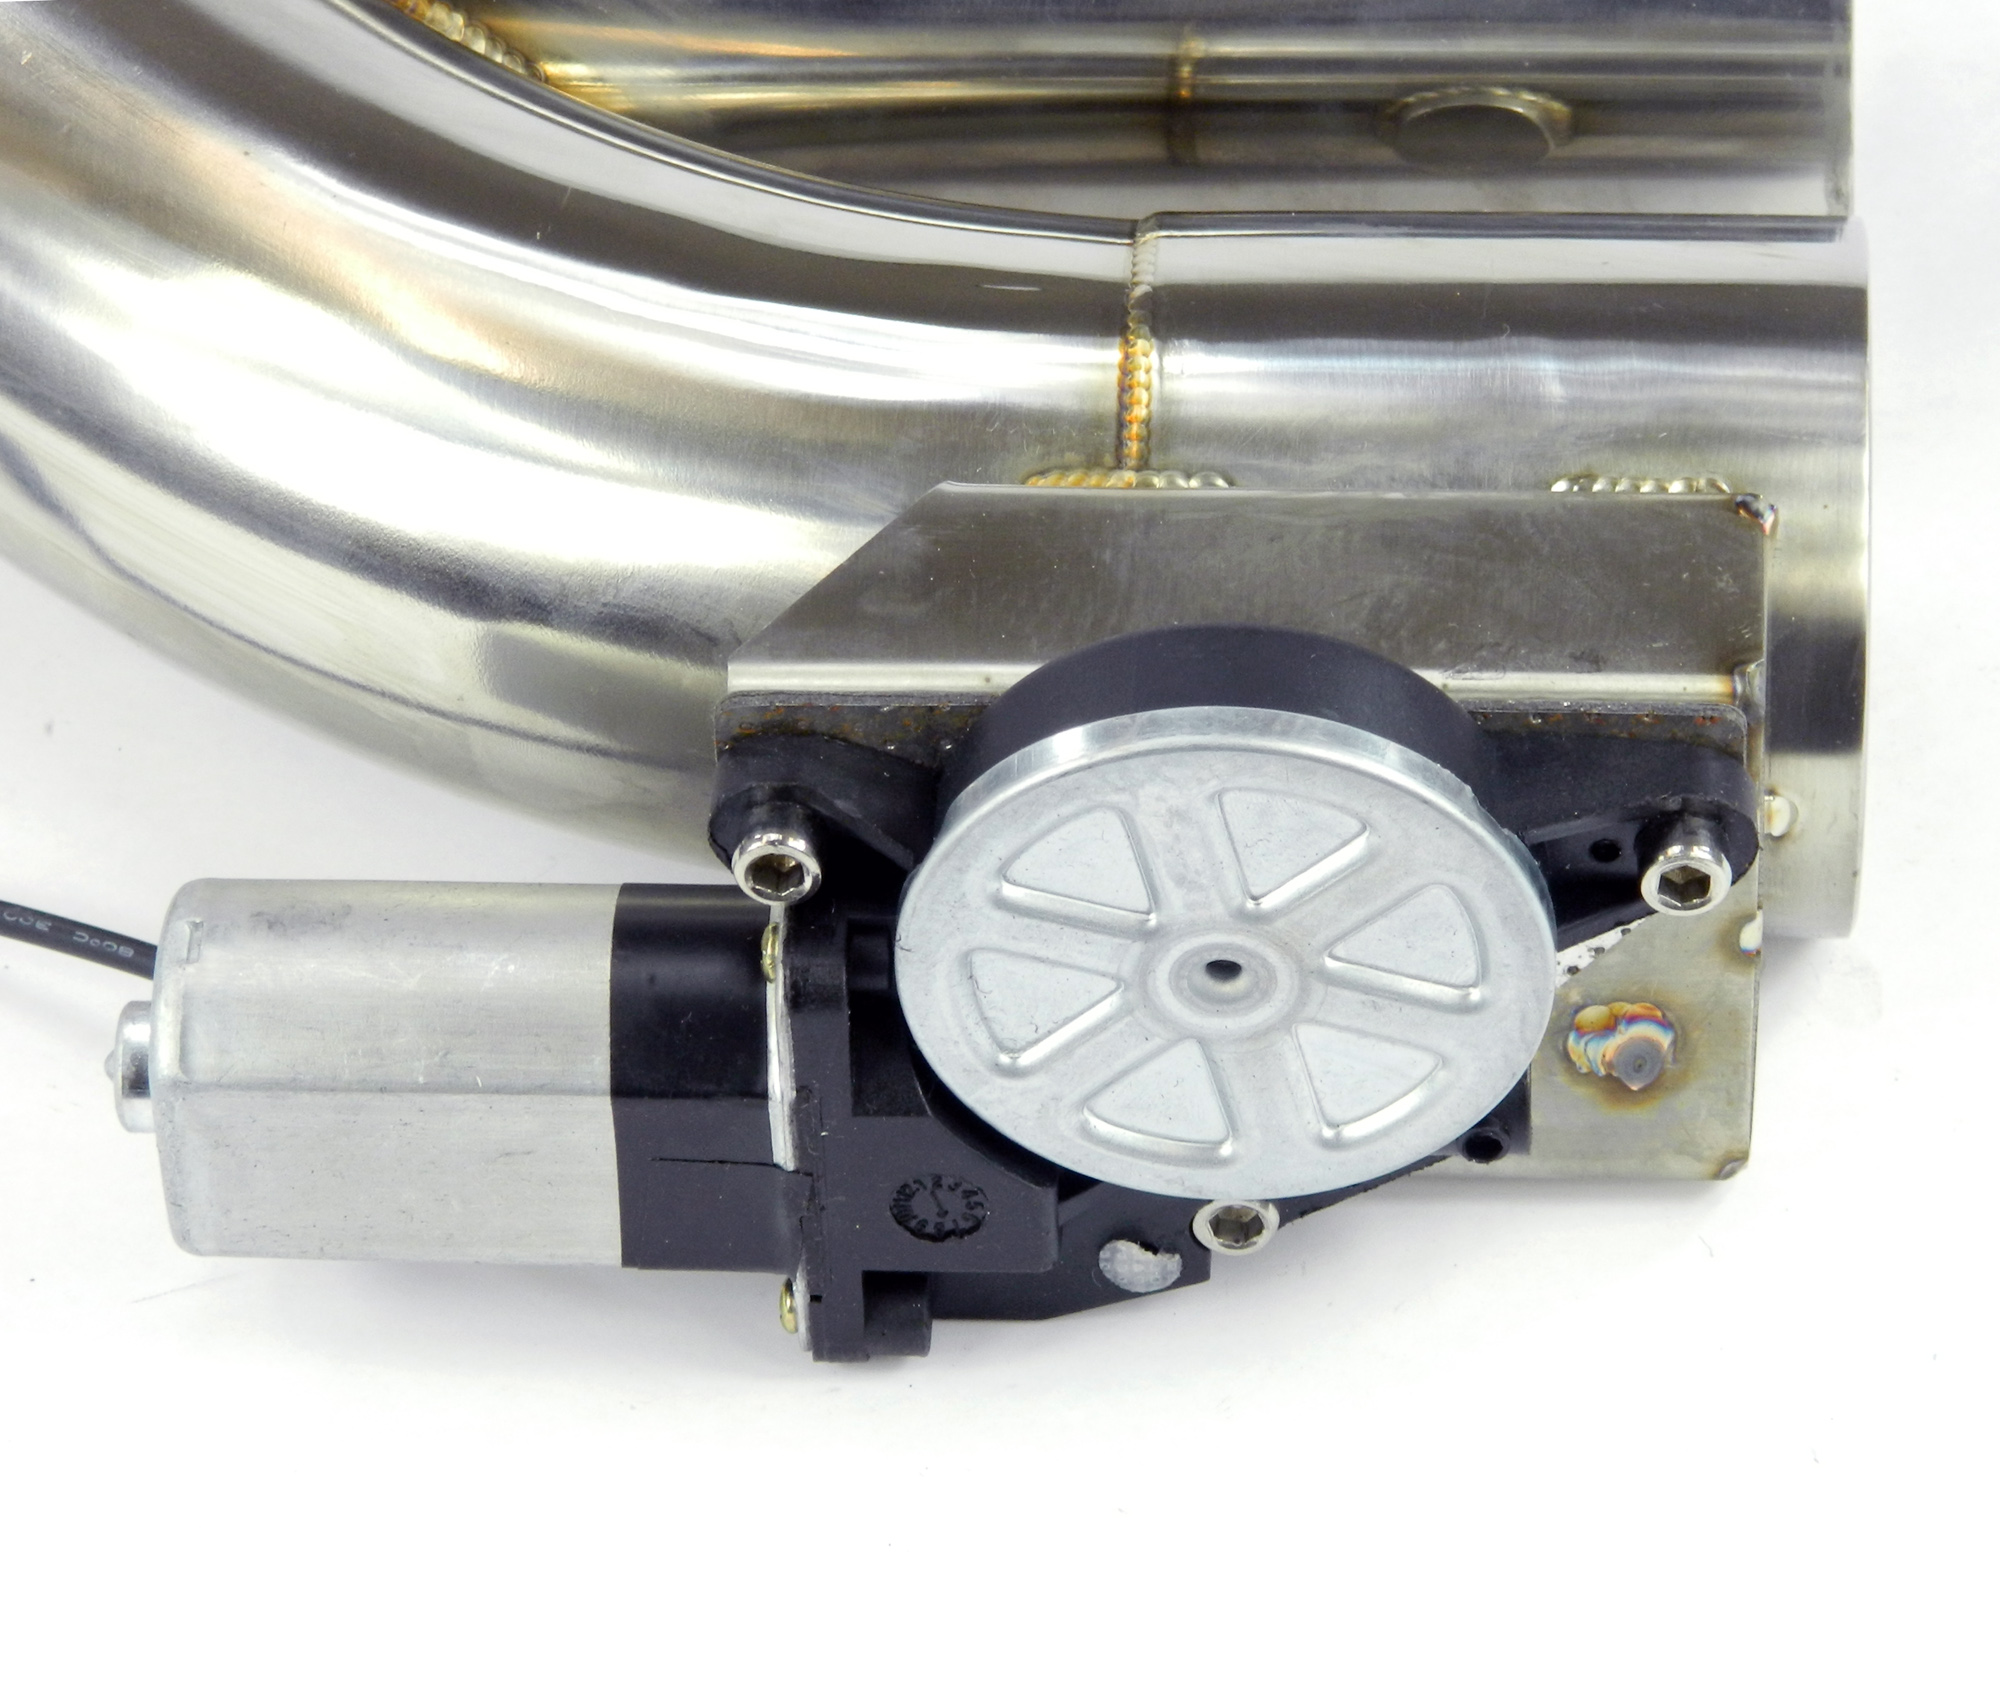 Klappenauspuff-System Y-Rohr, elektrisch inkl. Schalter - 70mm Außendurchmesser